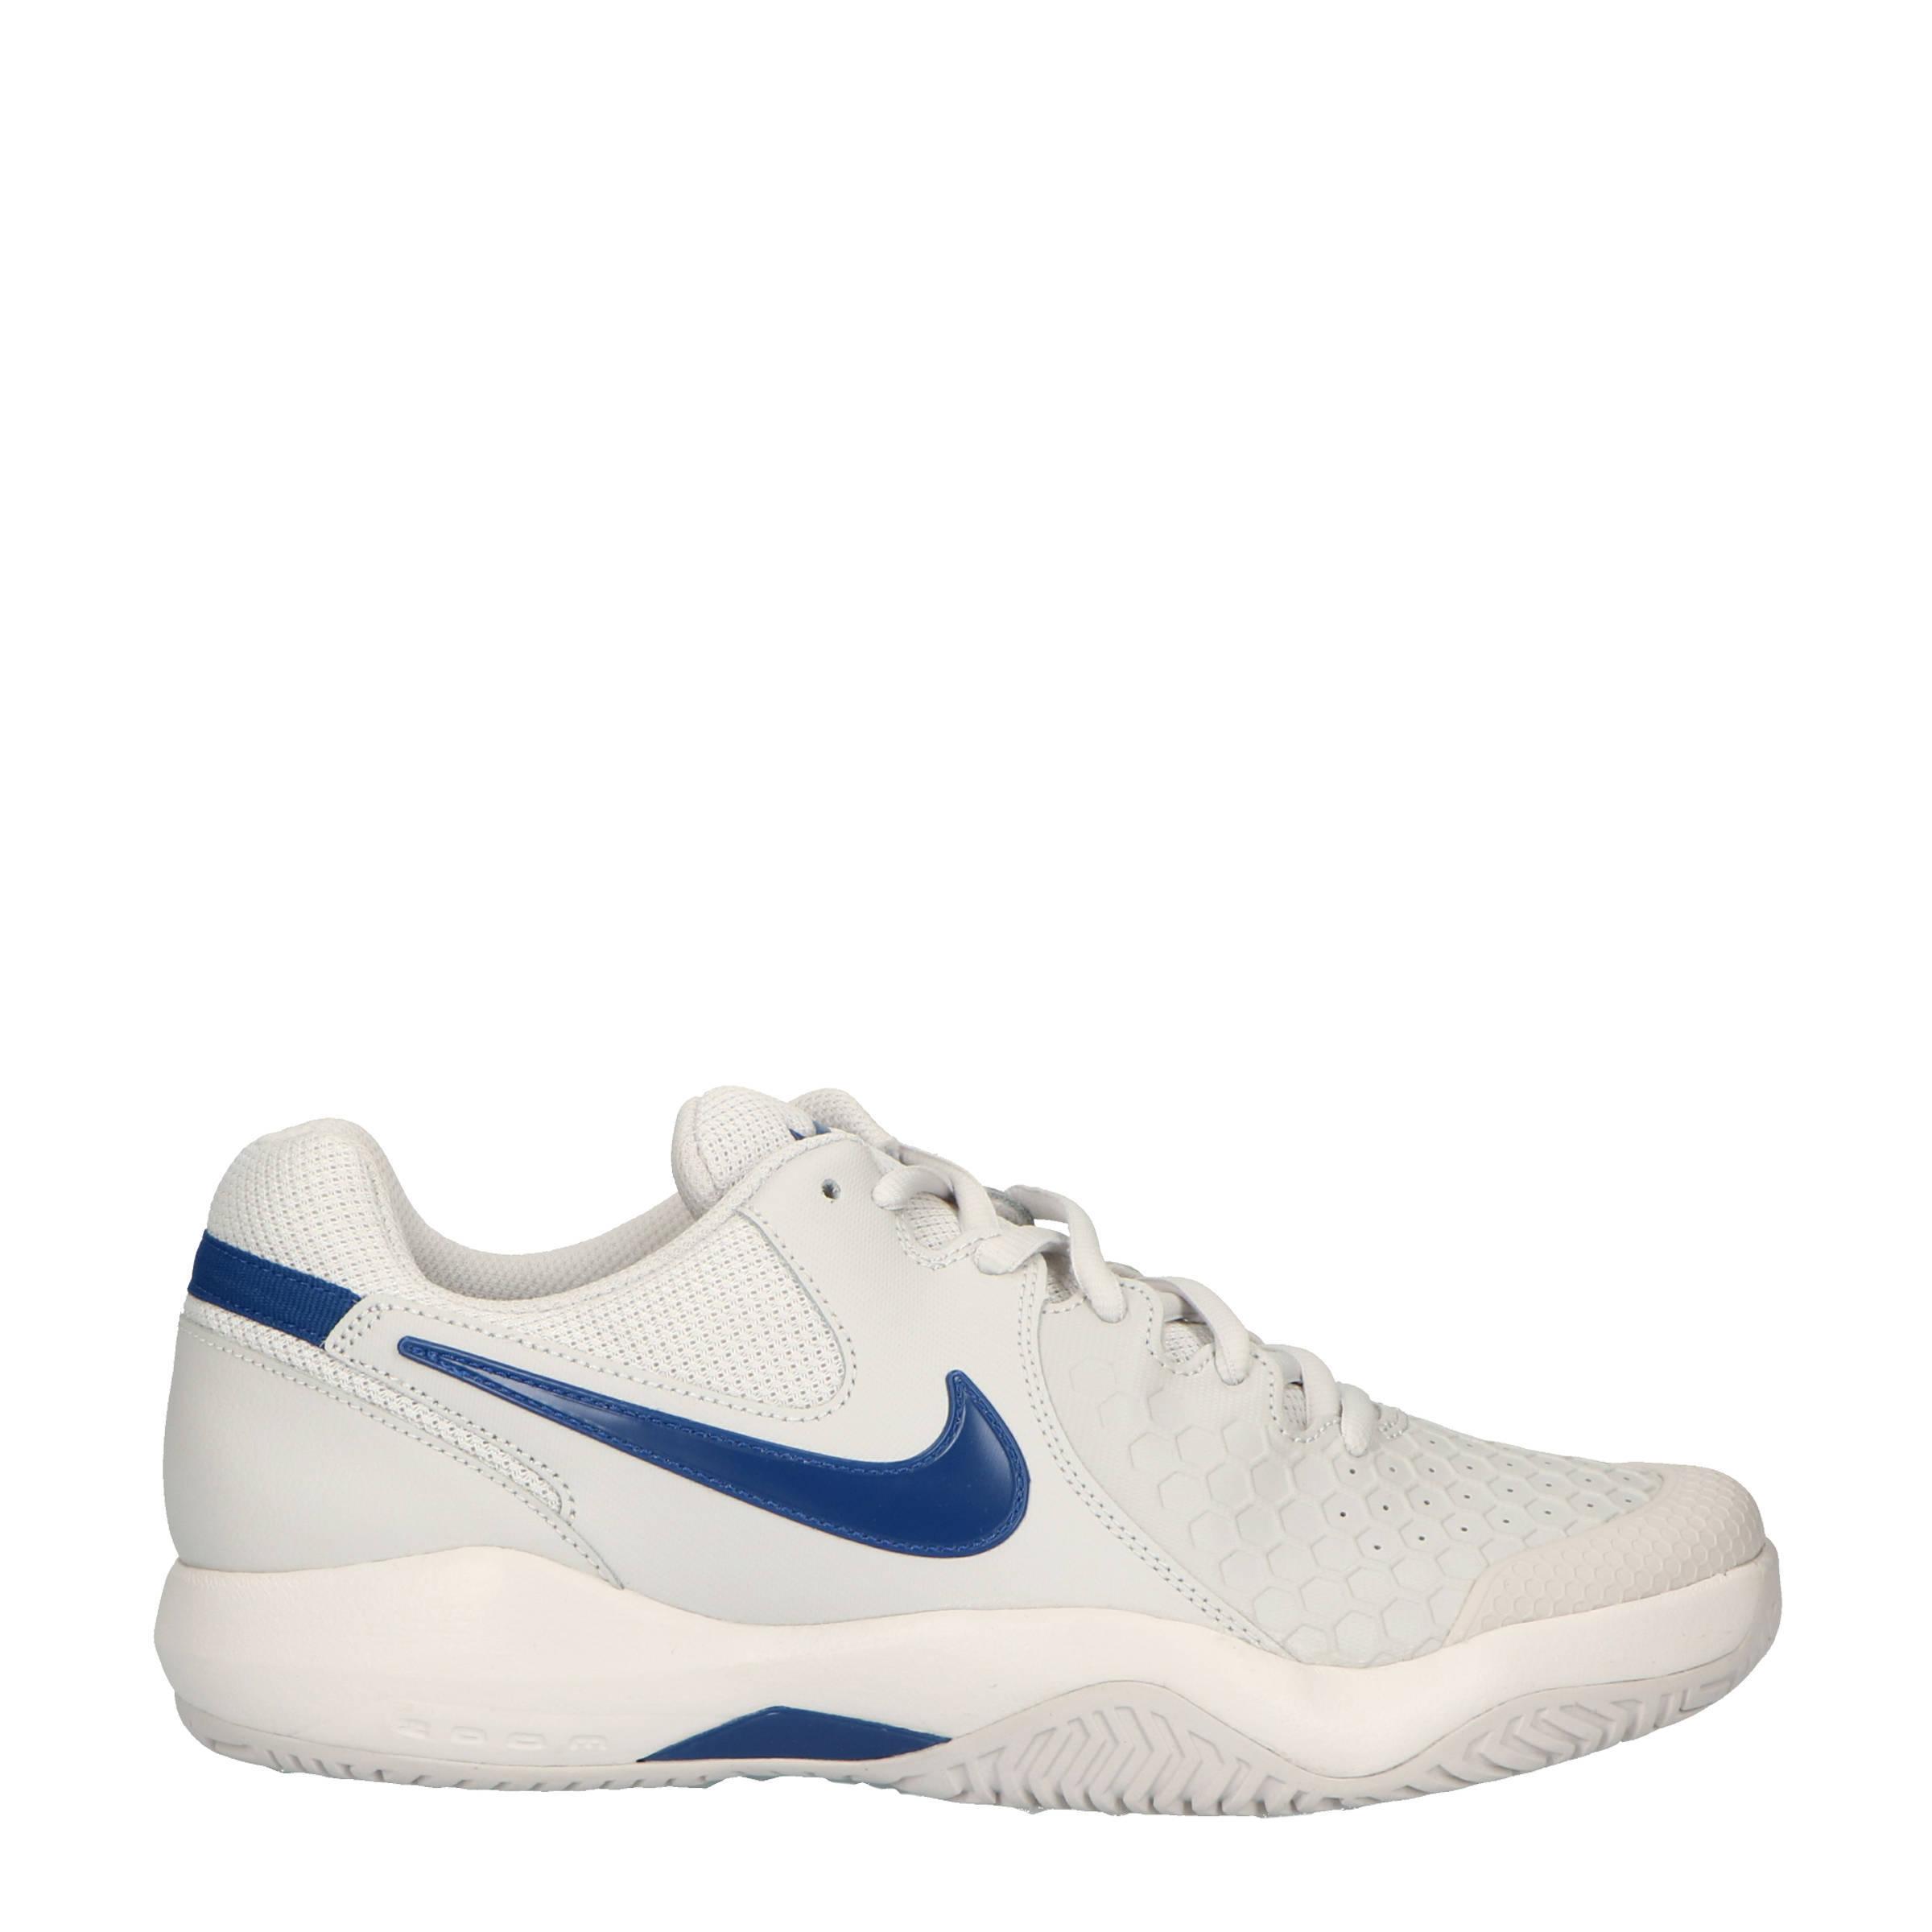 Air Zoom Resistance tennisschoenen lichtgrijsblauw